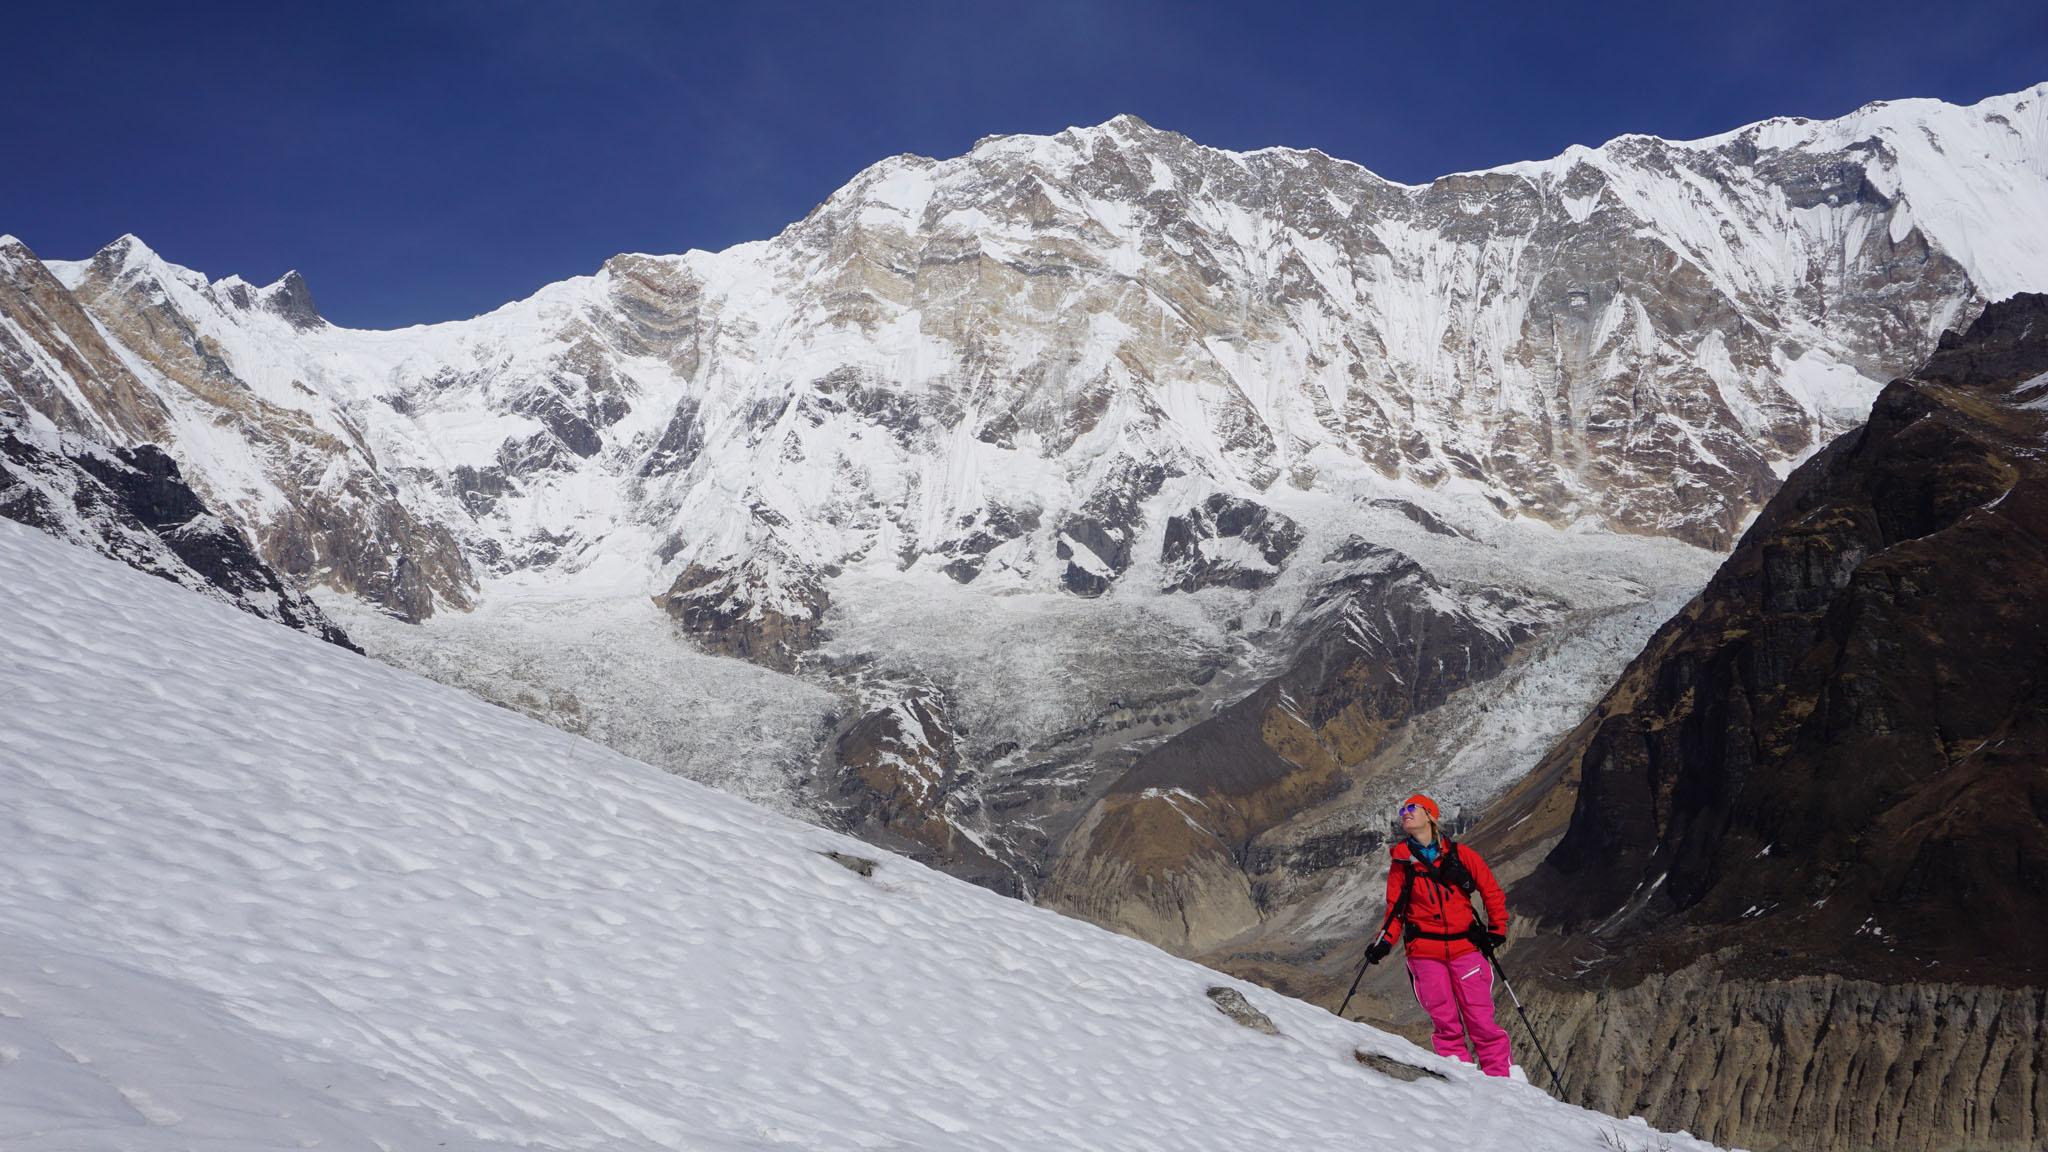 Nepal liegt nahe am Äquator, so ist es trotz der Höhe oft frühjahrsmässig warm.